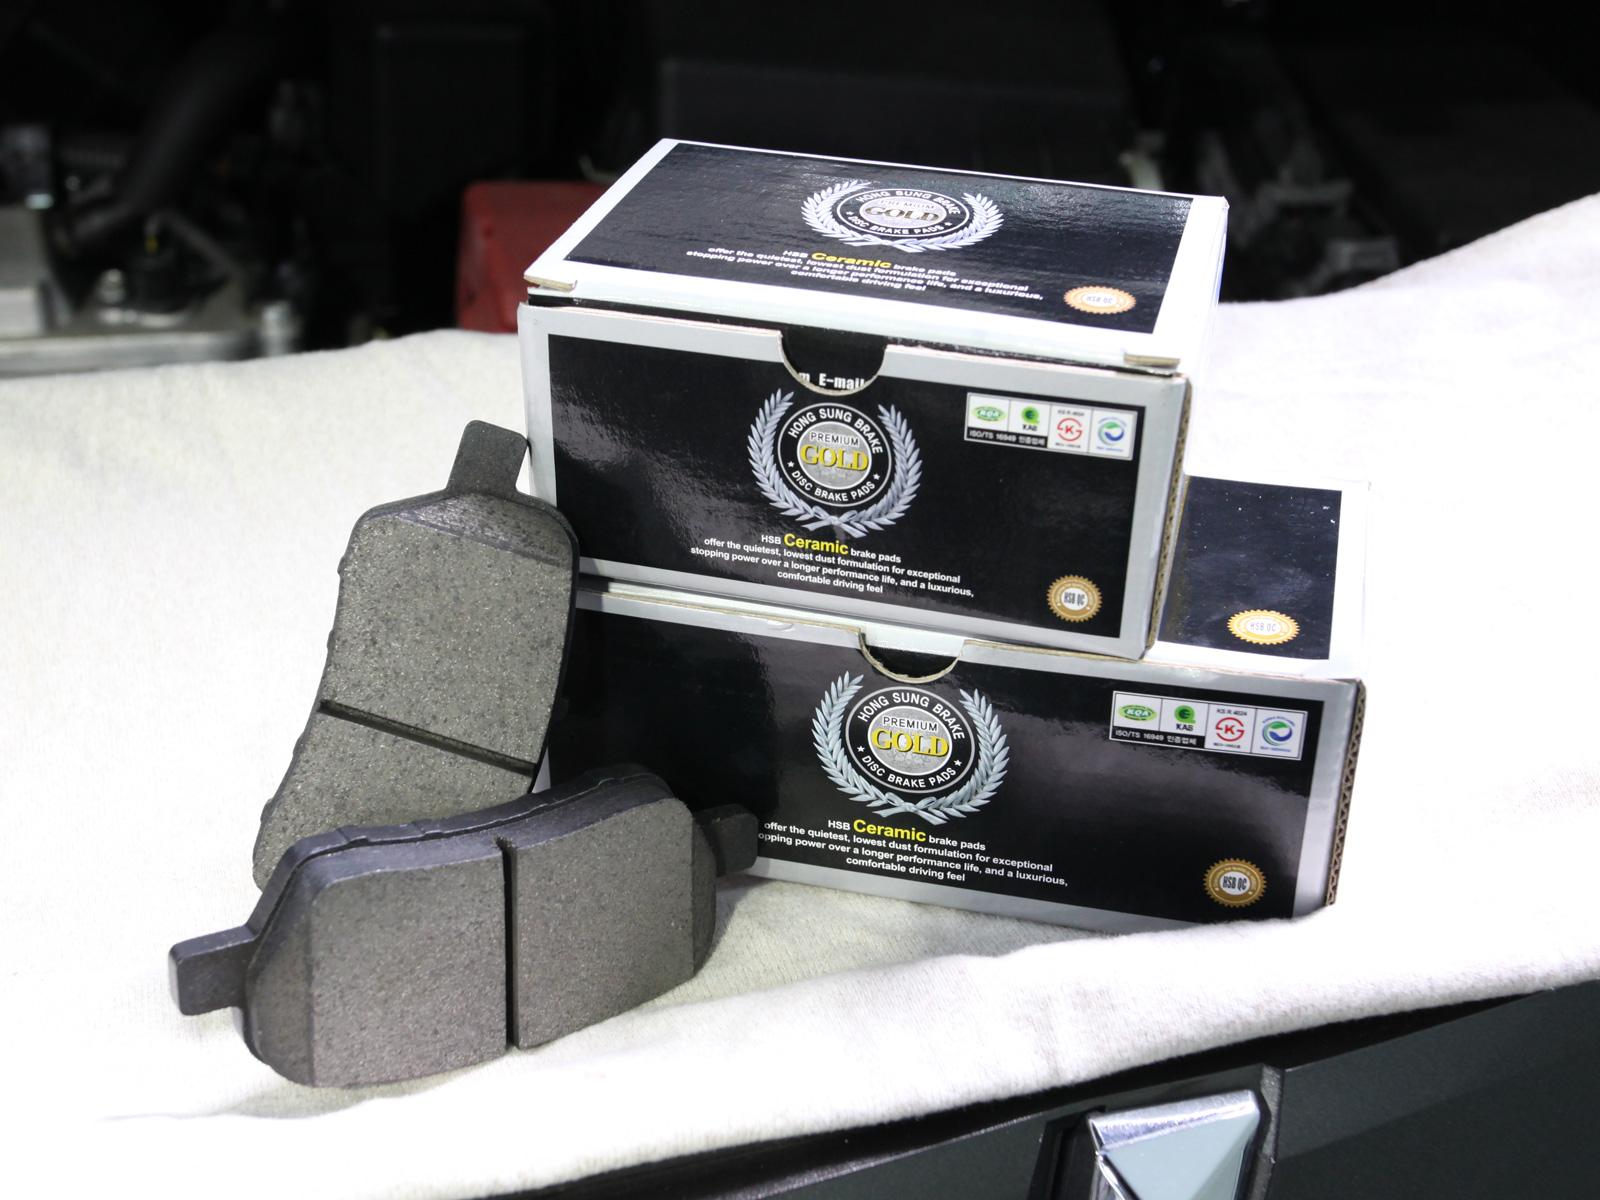 Hong Sung Premium Gold Brake Pad (Japanese and Asian Makes Vehicle)